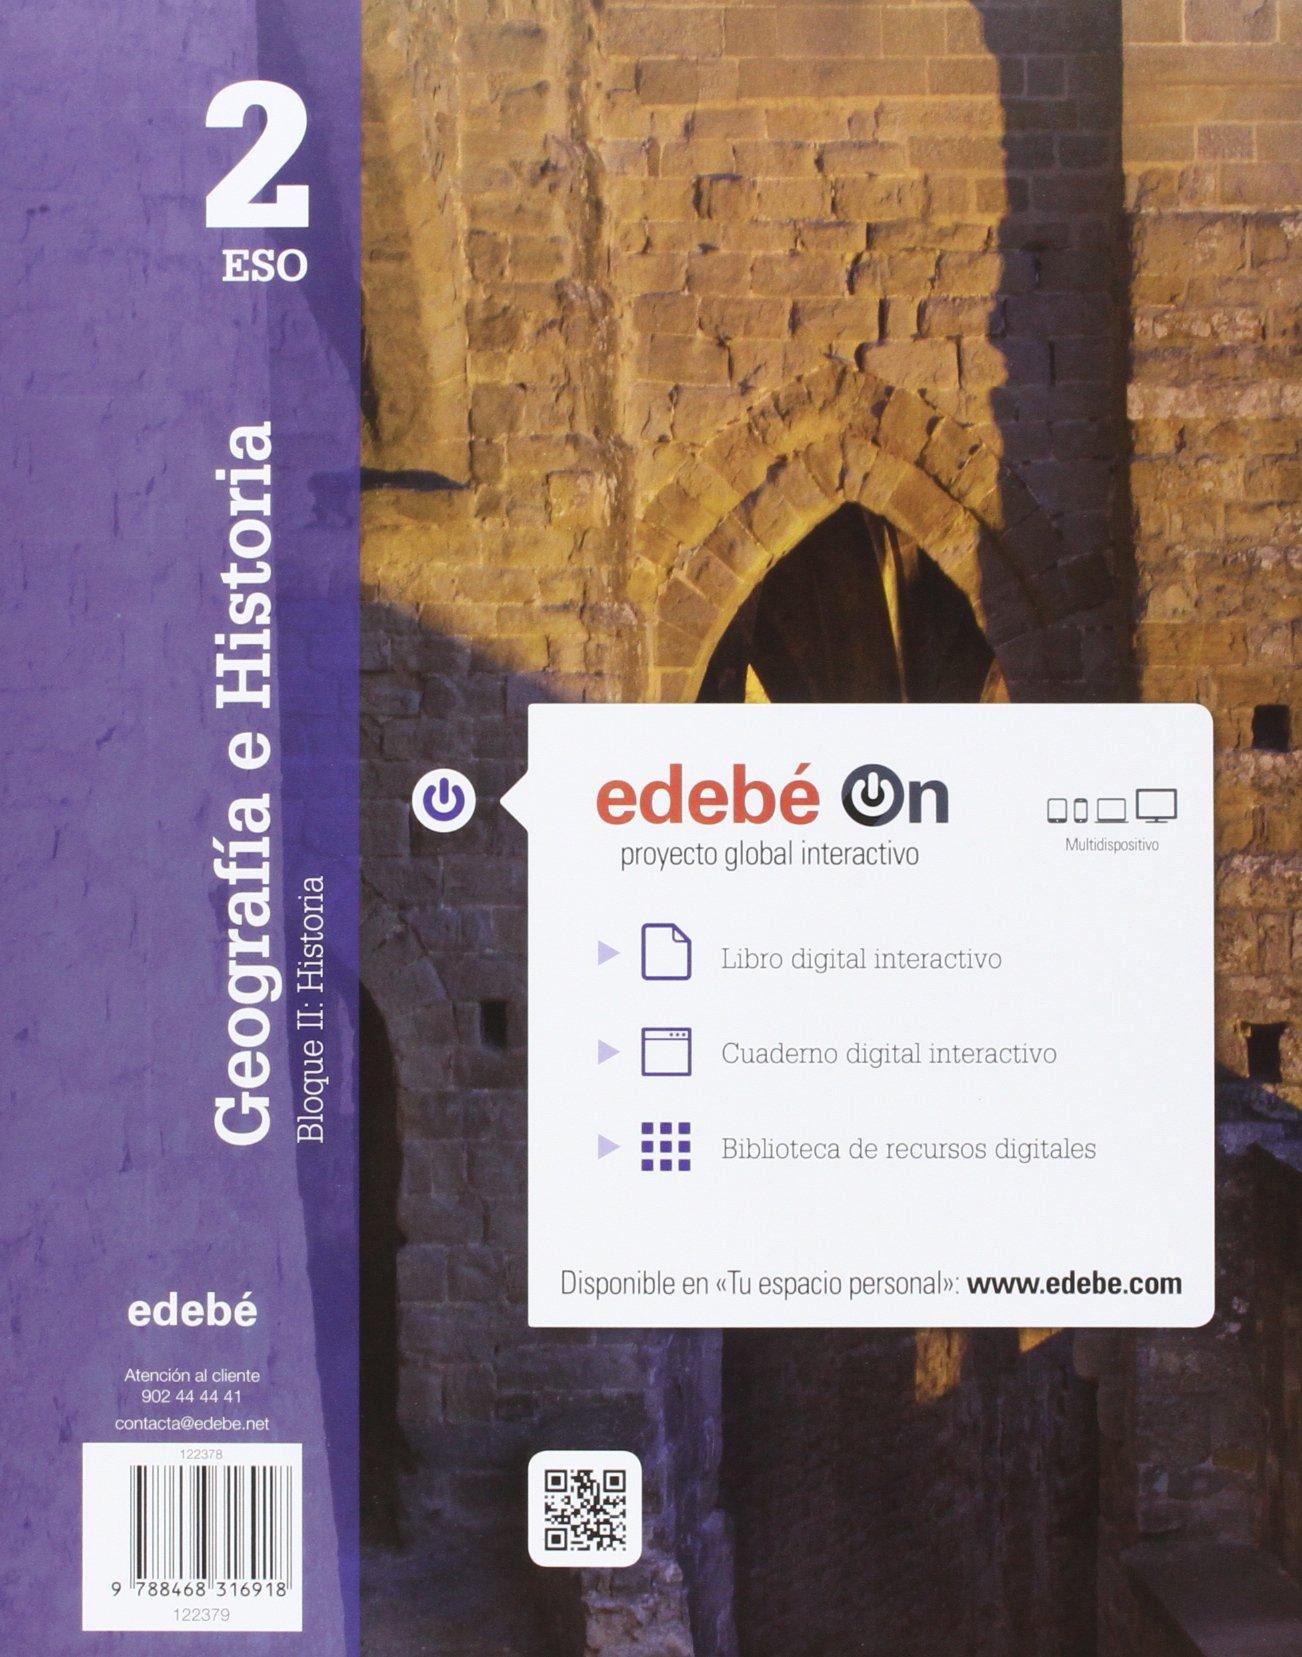 GEOGRAFÍA E HISTORIA 2 - 9788468316918: Amazon.es: Edebé, Obra Colectiva: Libros